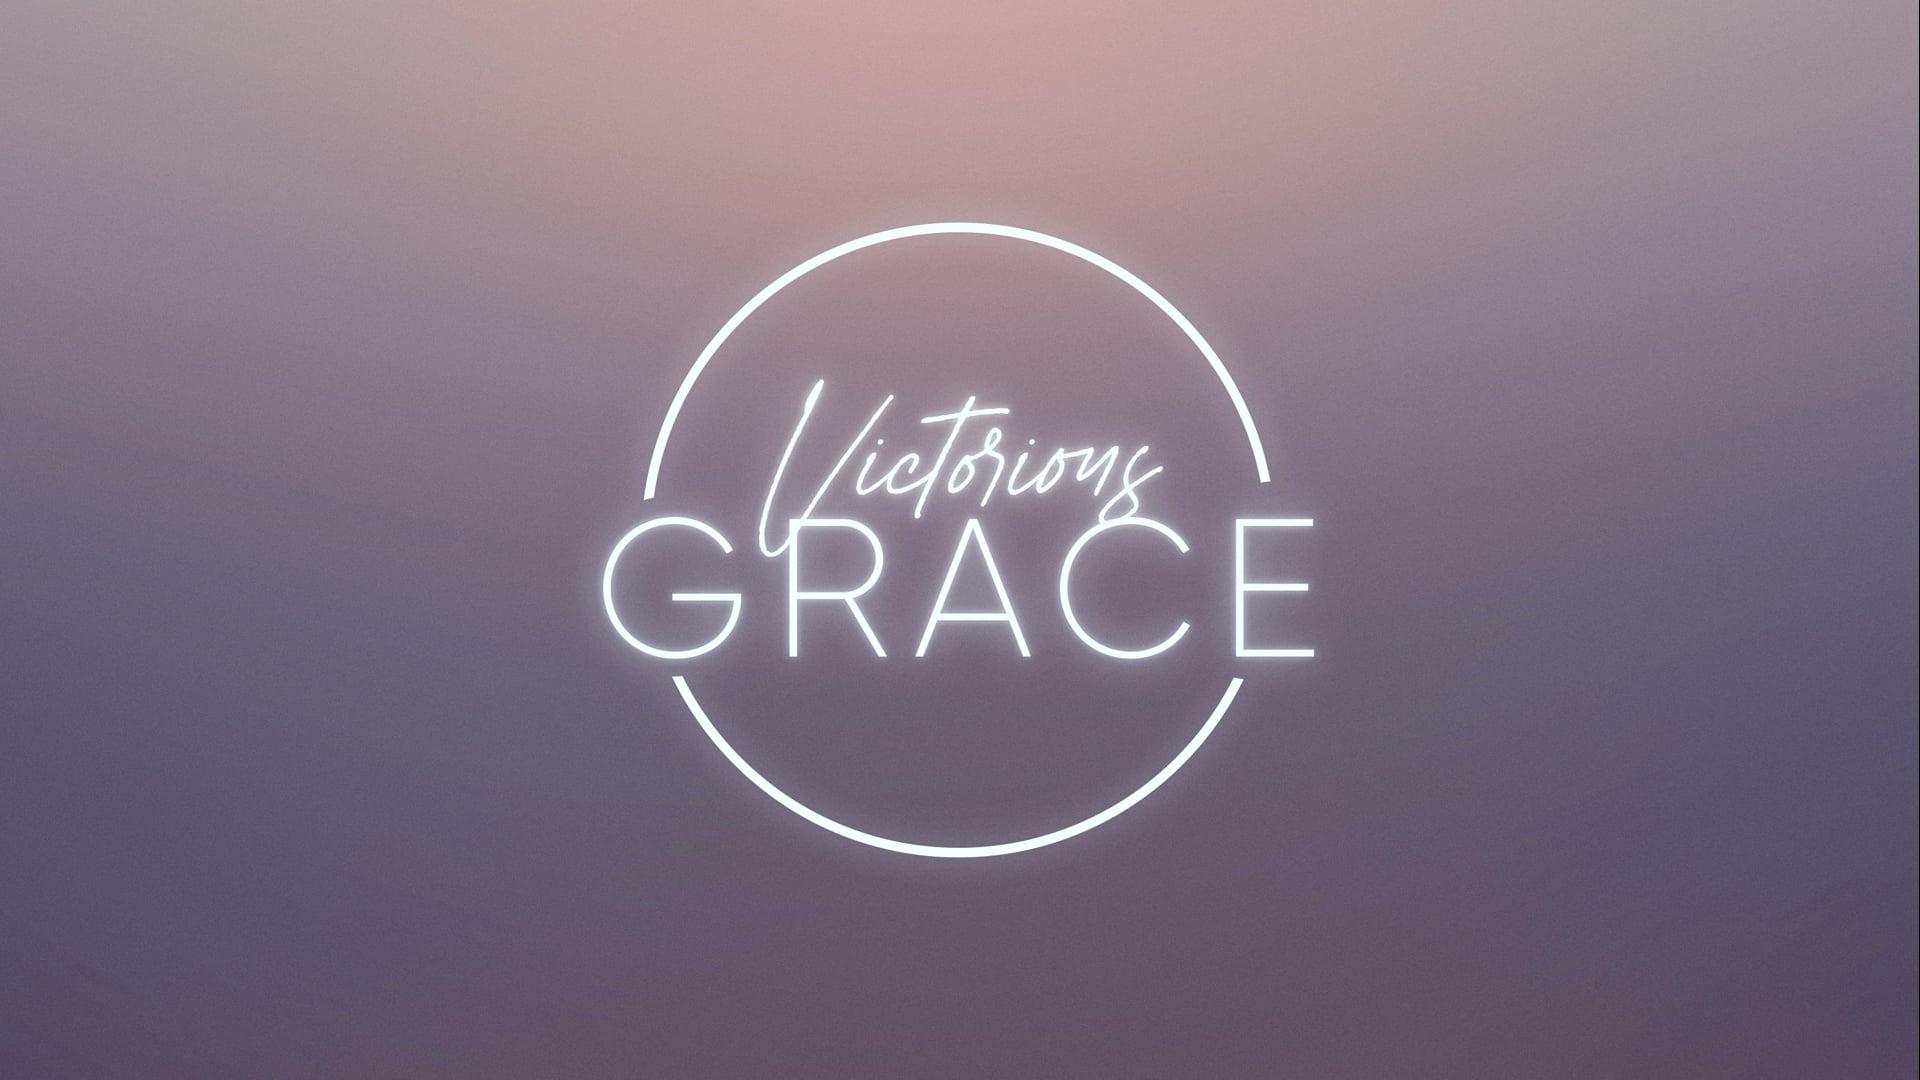 Victorious Grace